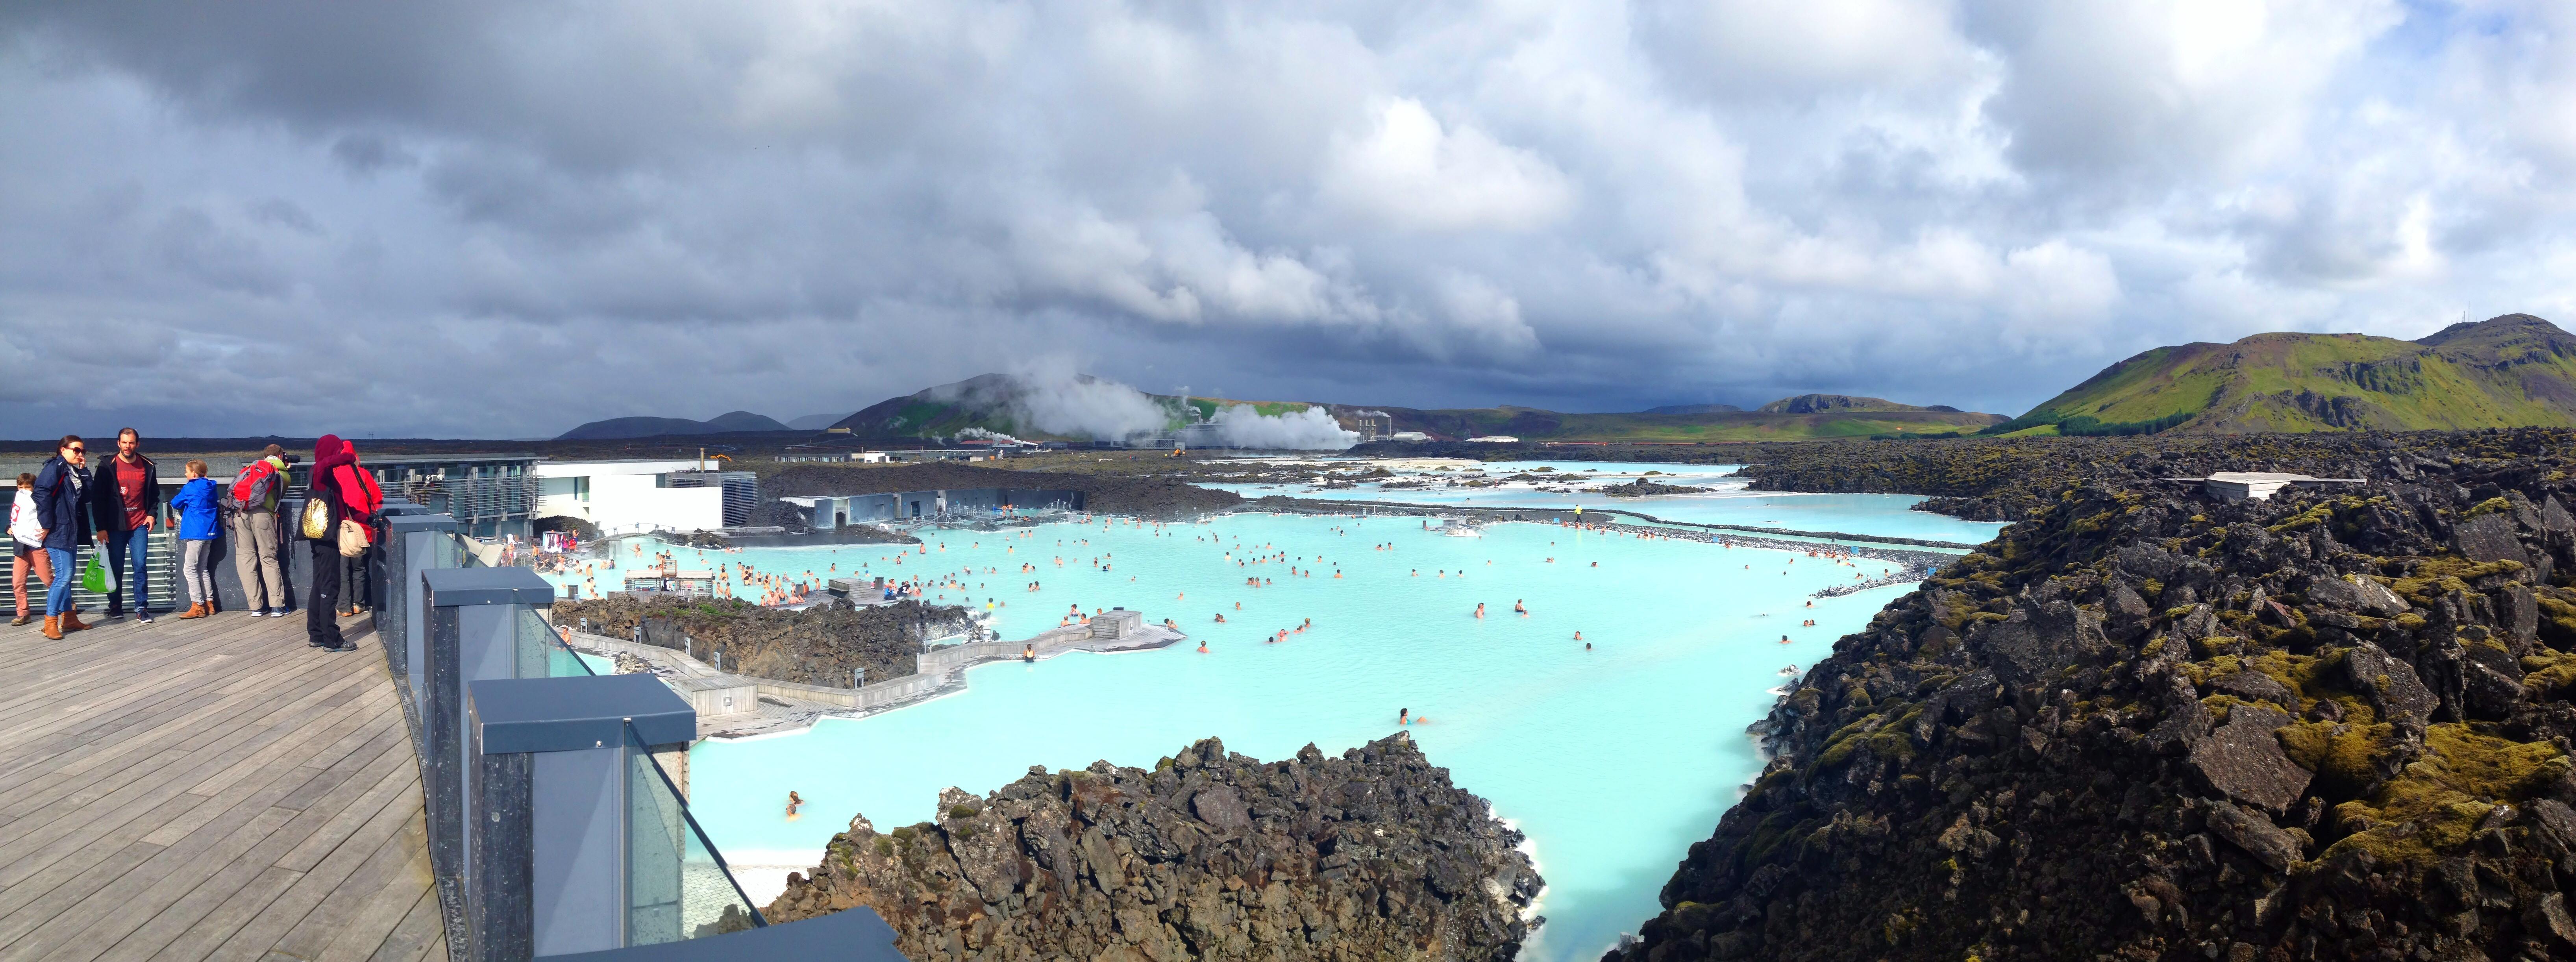 冰岛著名蓝湖地热温泉 - blue lagoon